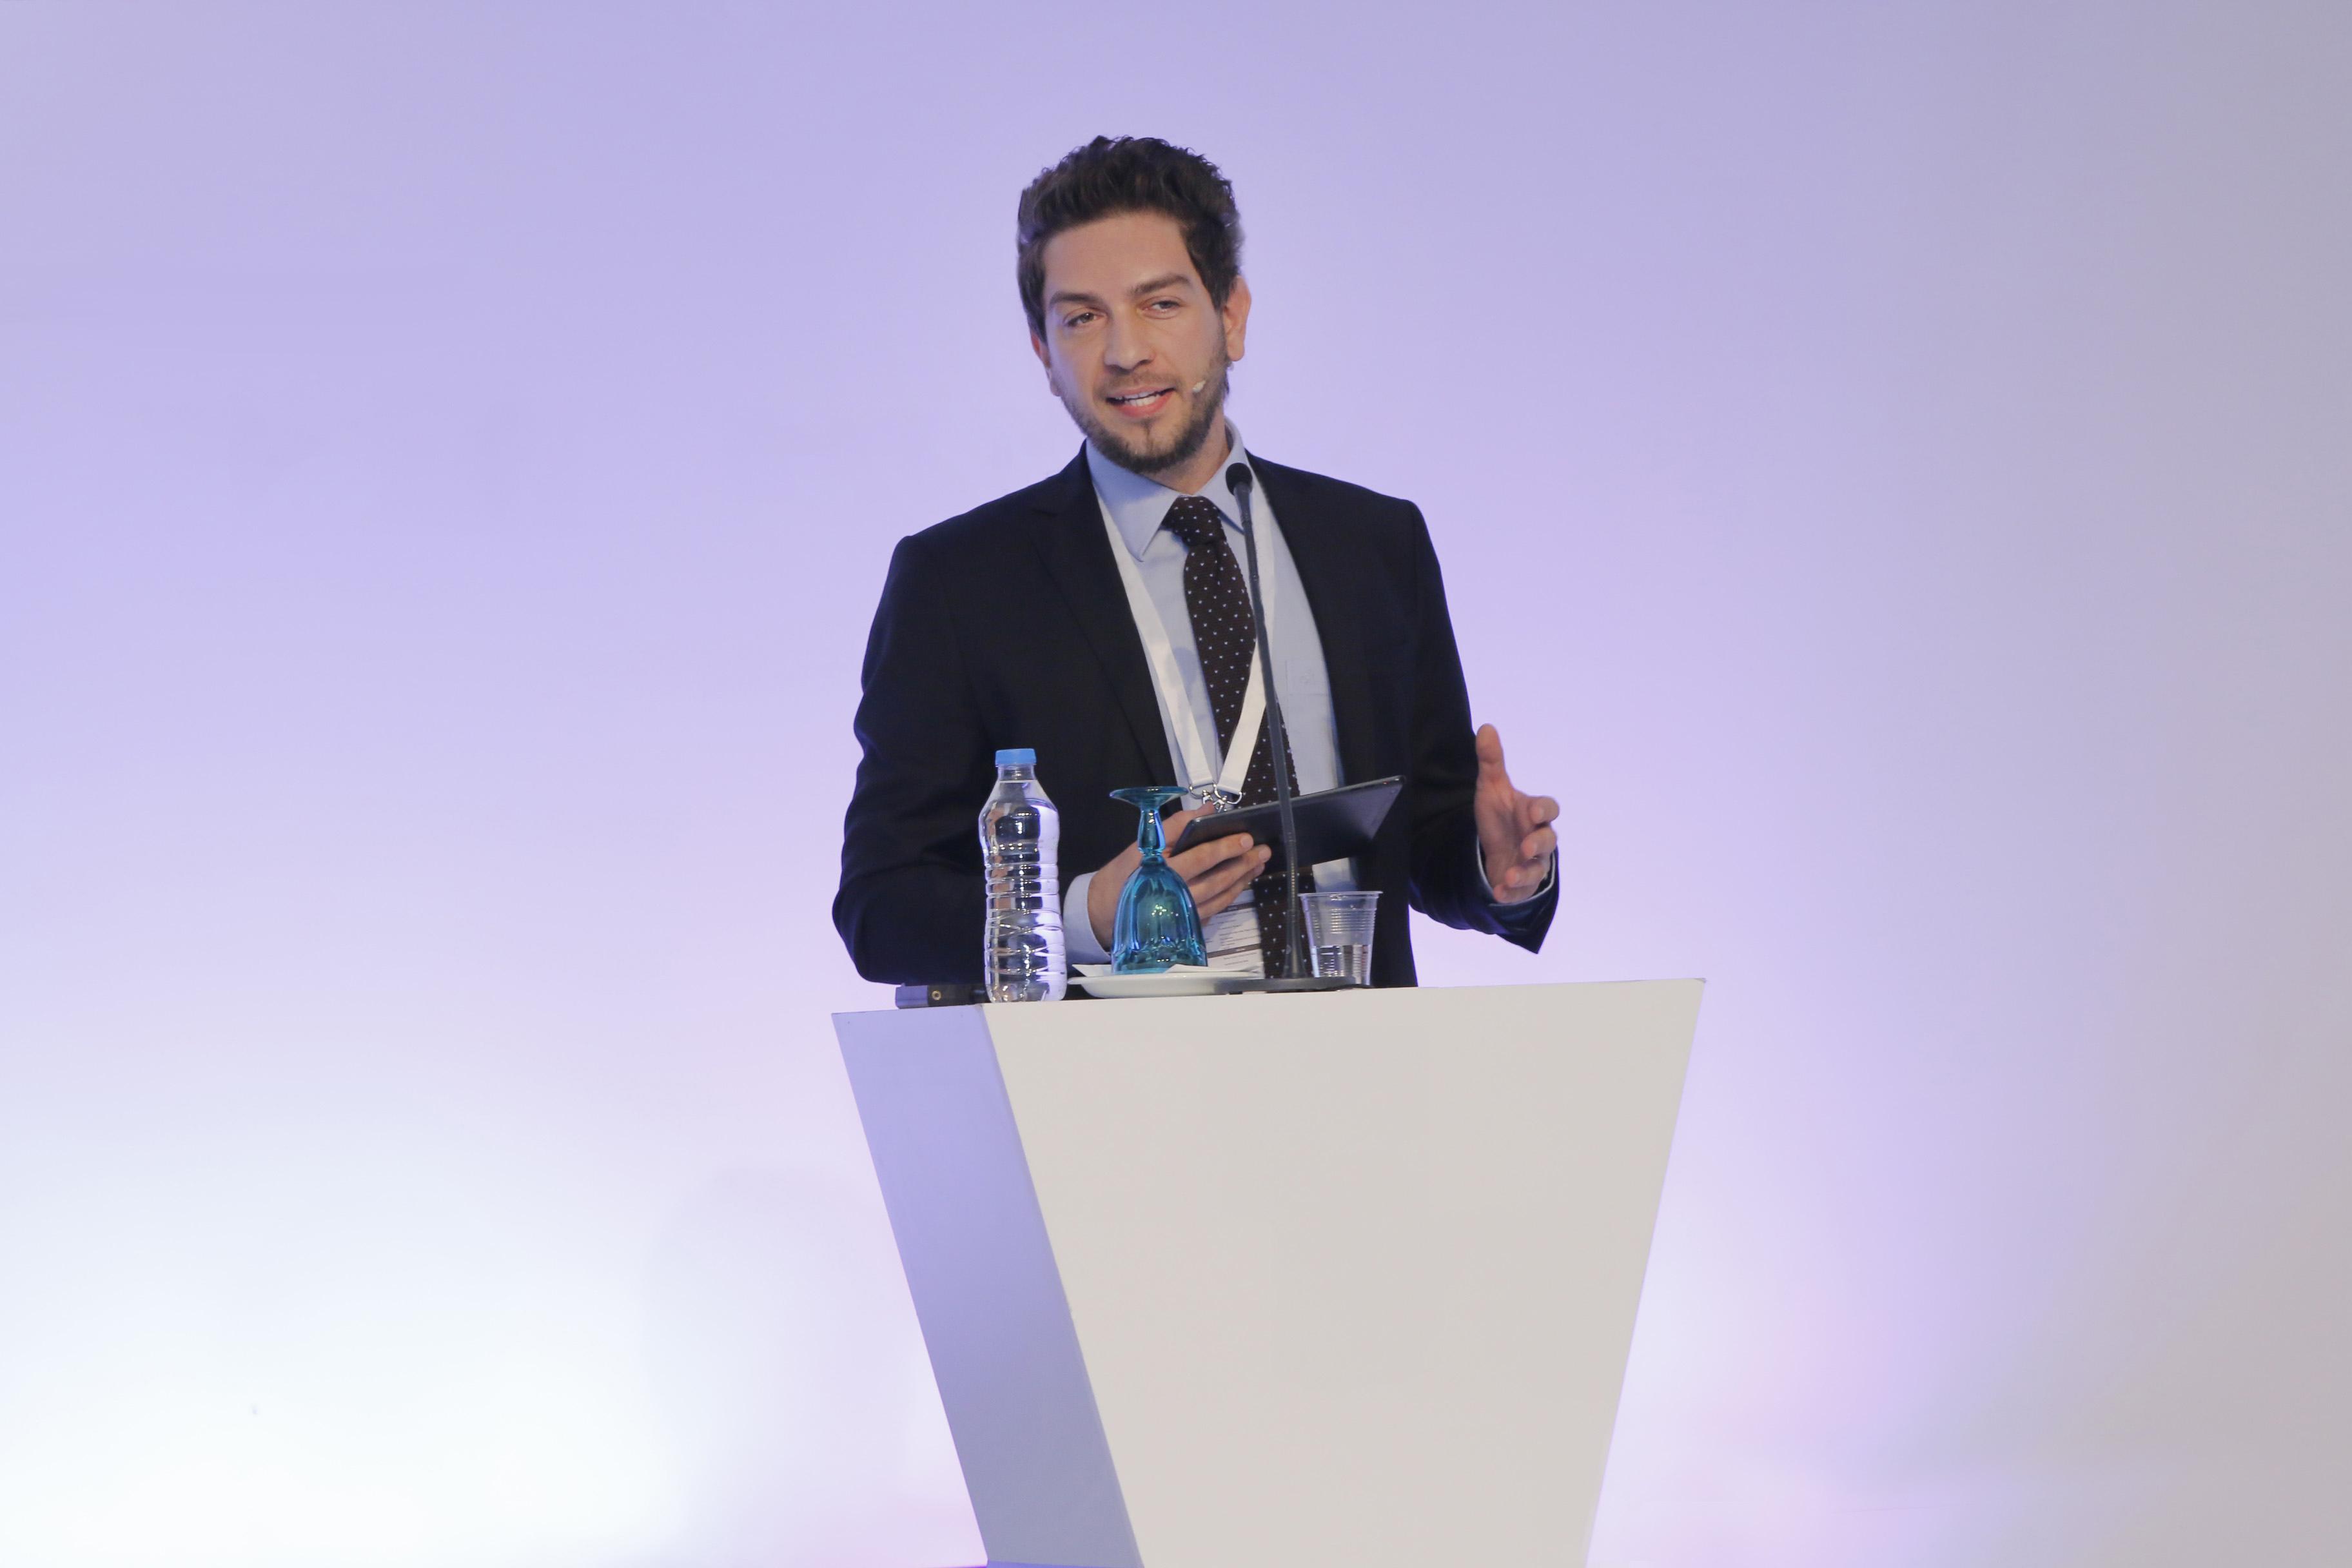 Alp Köksal - Professional Speaker